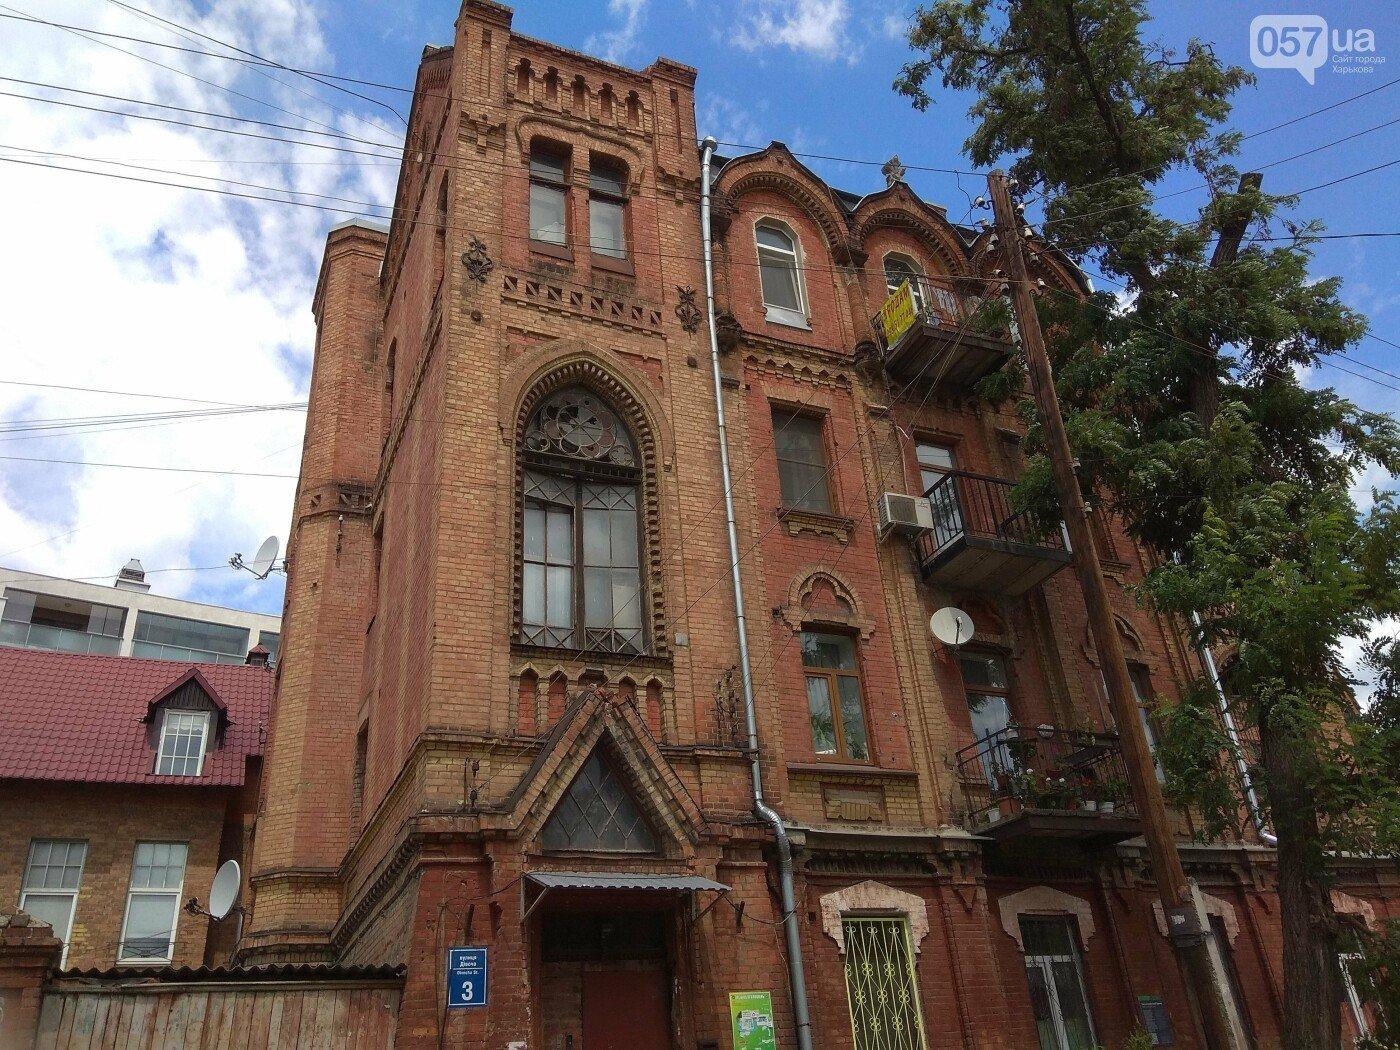 Доходные дома, бордели, и купеческий замок: ТОП-5 старинных зданий Харькова, - ФОТО, фото-6